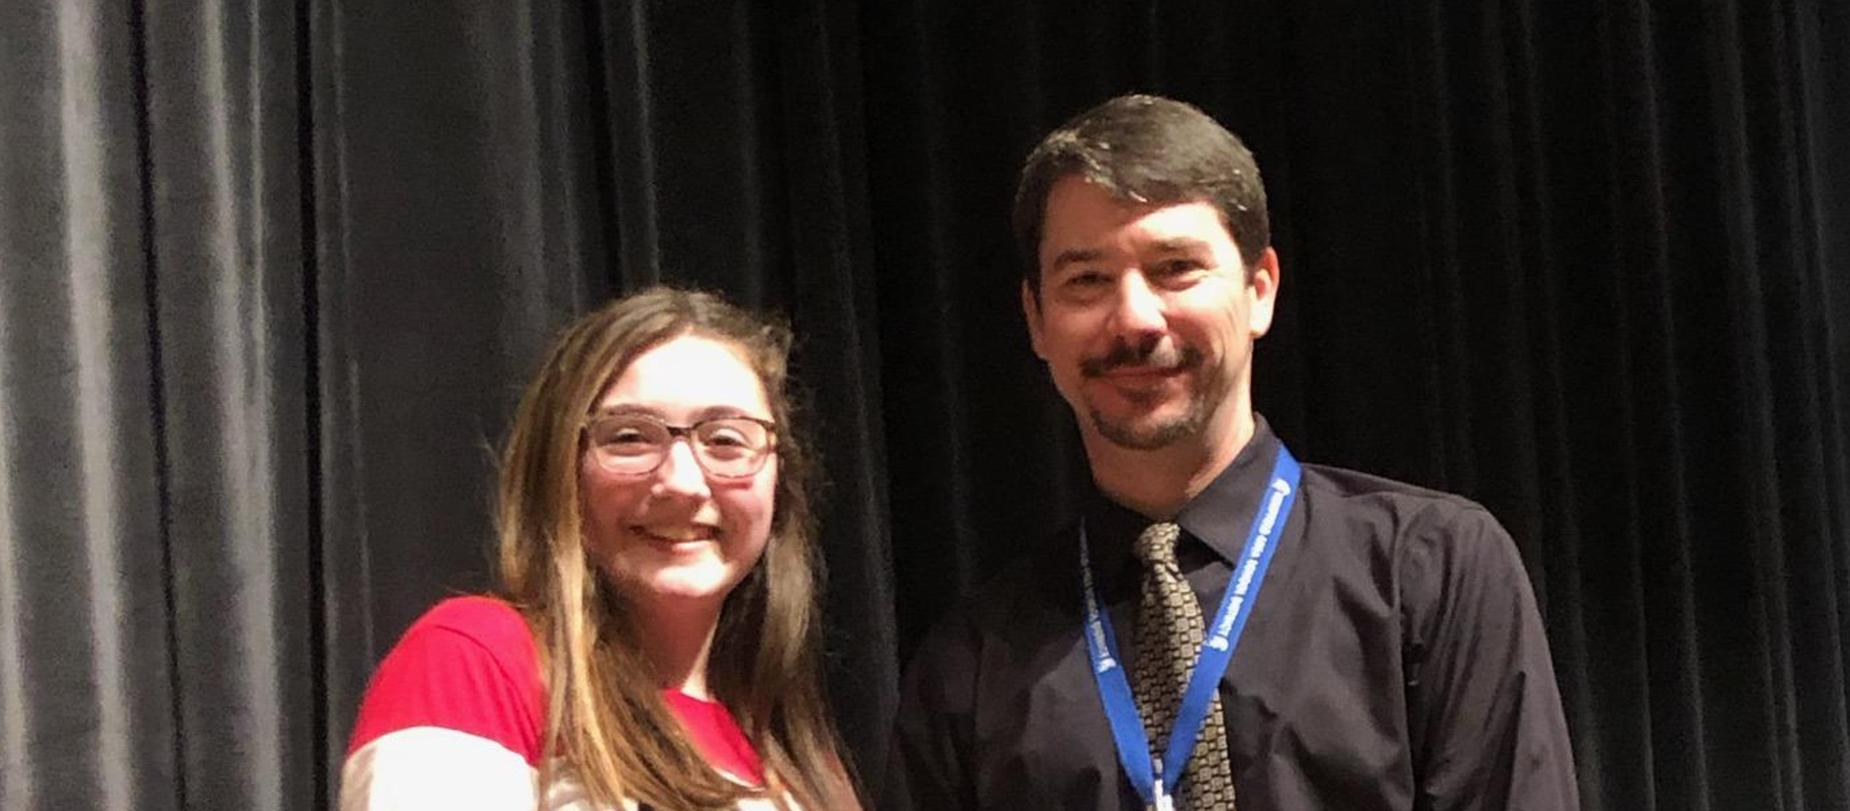 Spelling Bee Winner with Principal